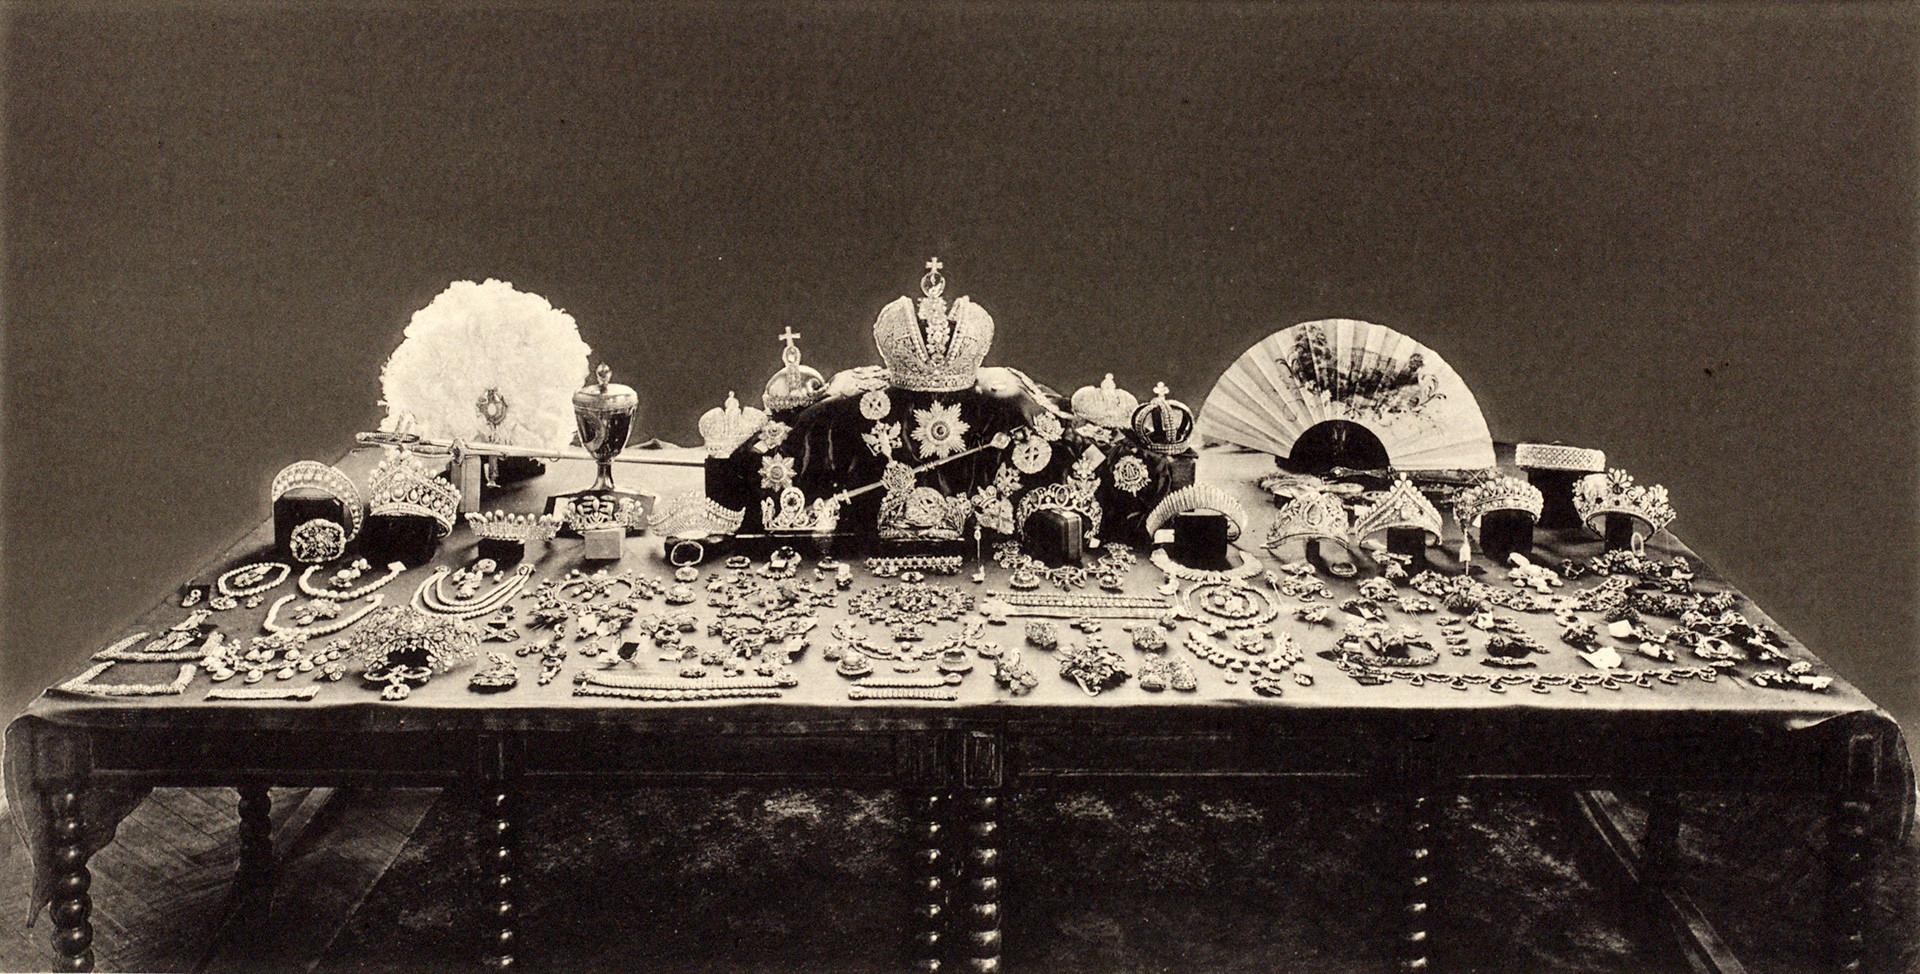 Foto clicada em 1925 mostrando a coleção russa de joias.